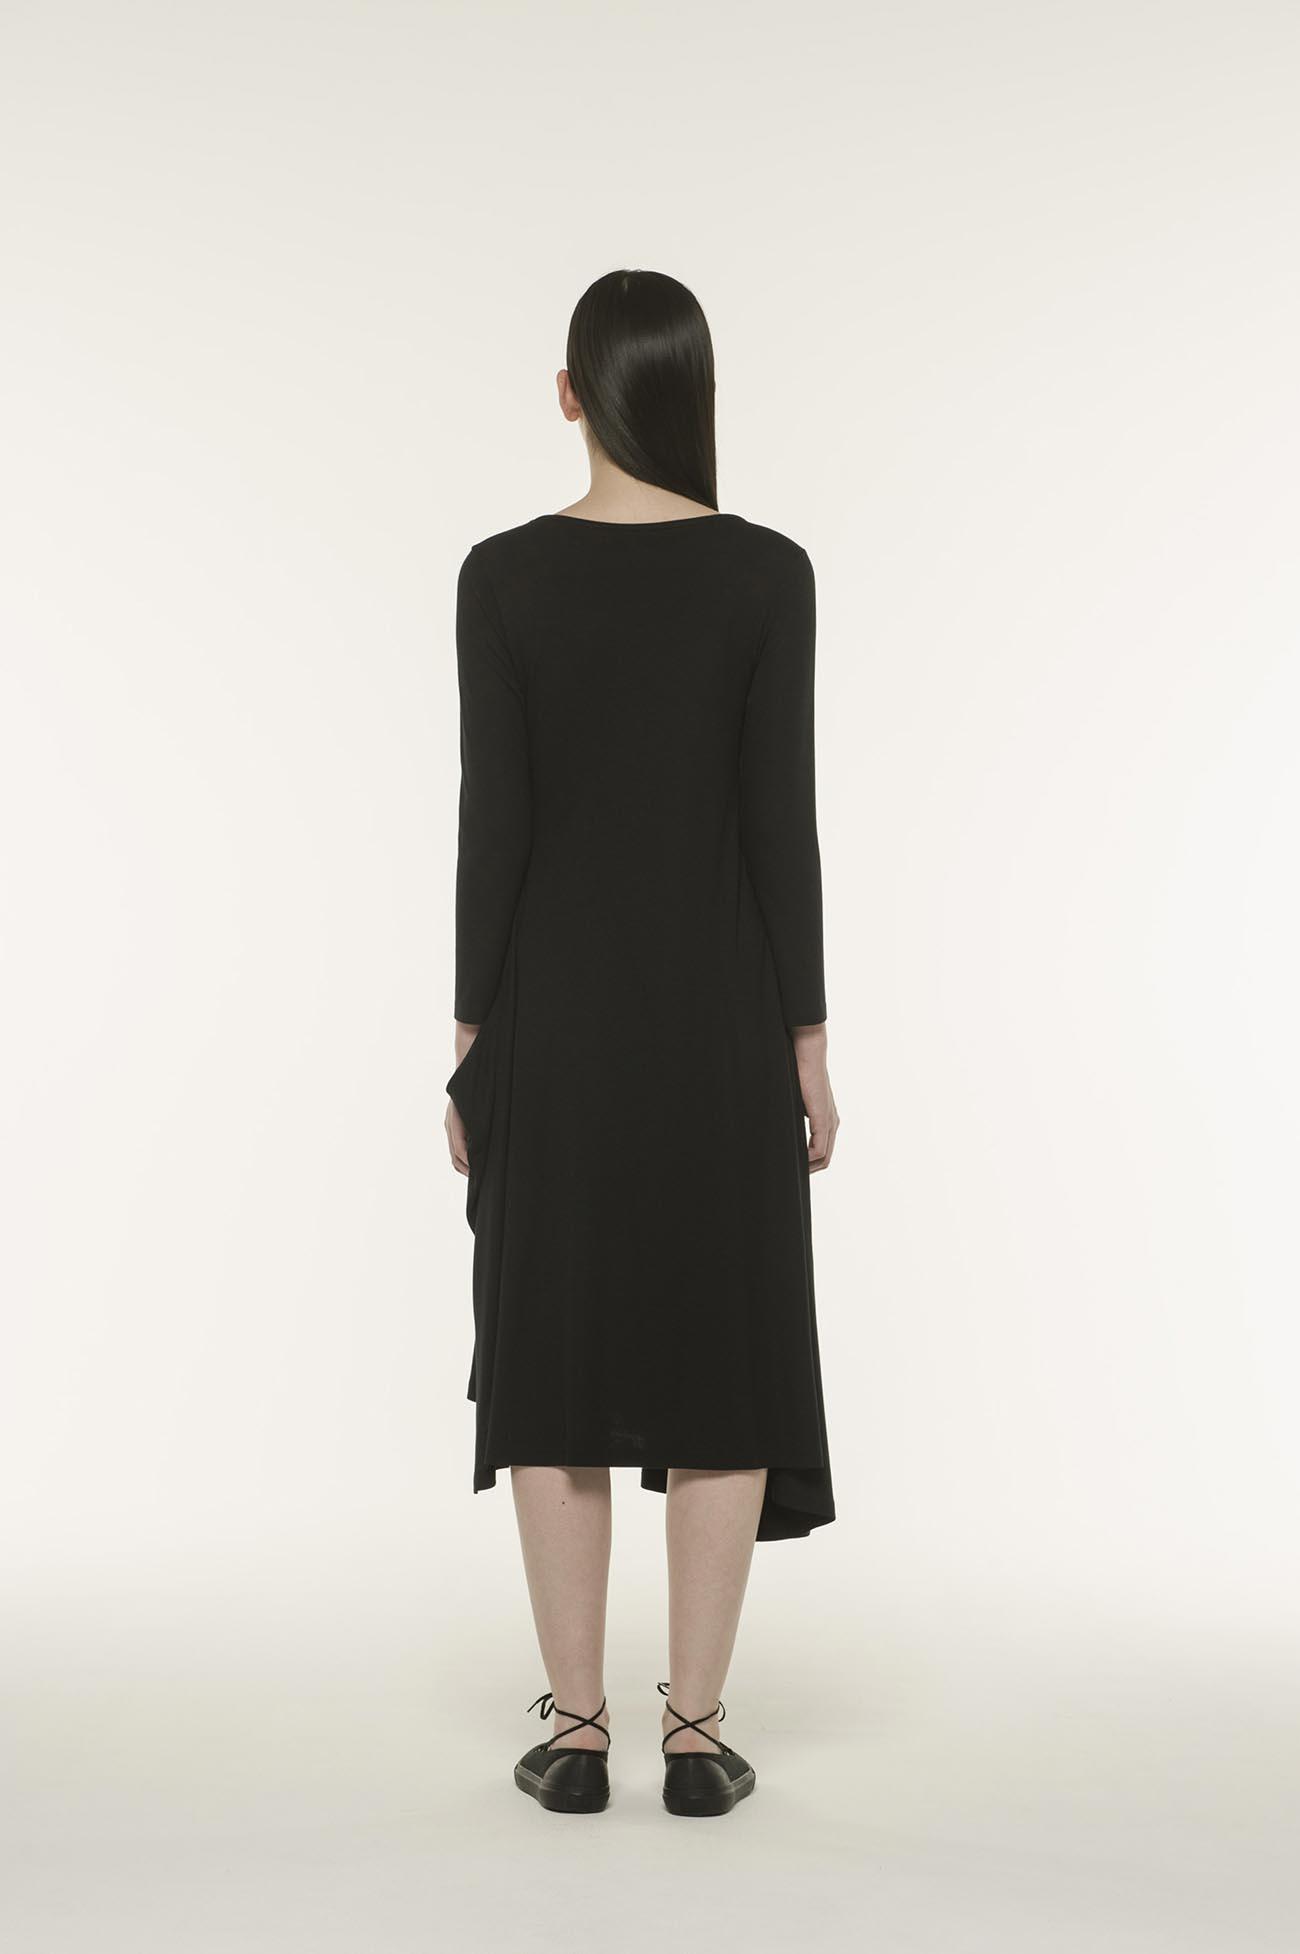 MICHIKObyY's 简约鱼尾百褶长袖连衣裙